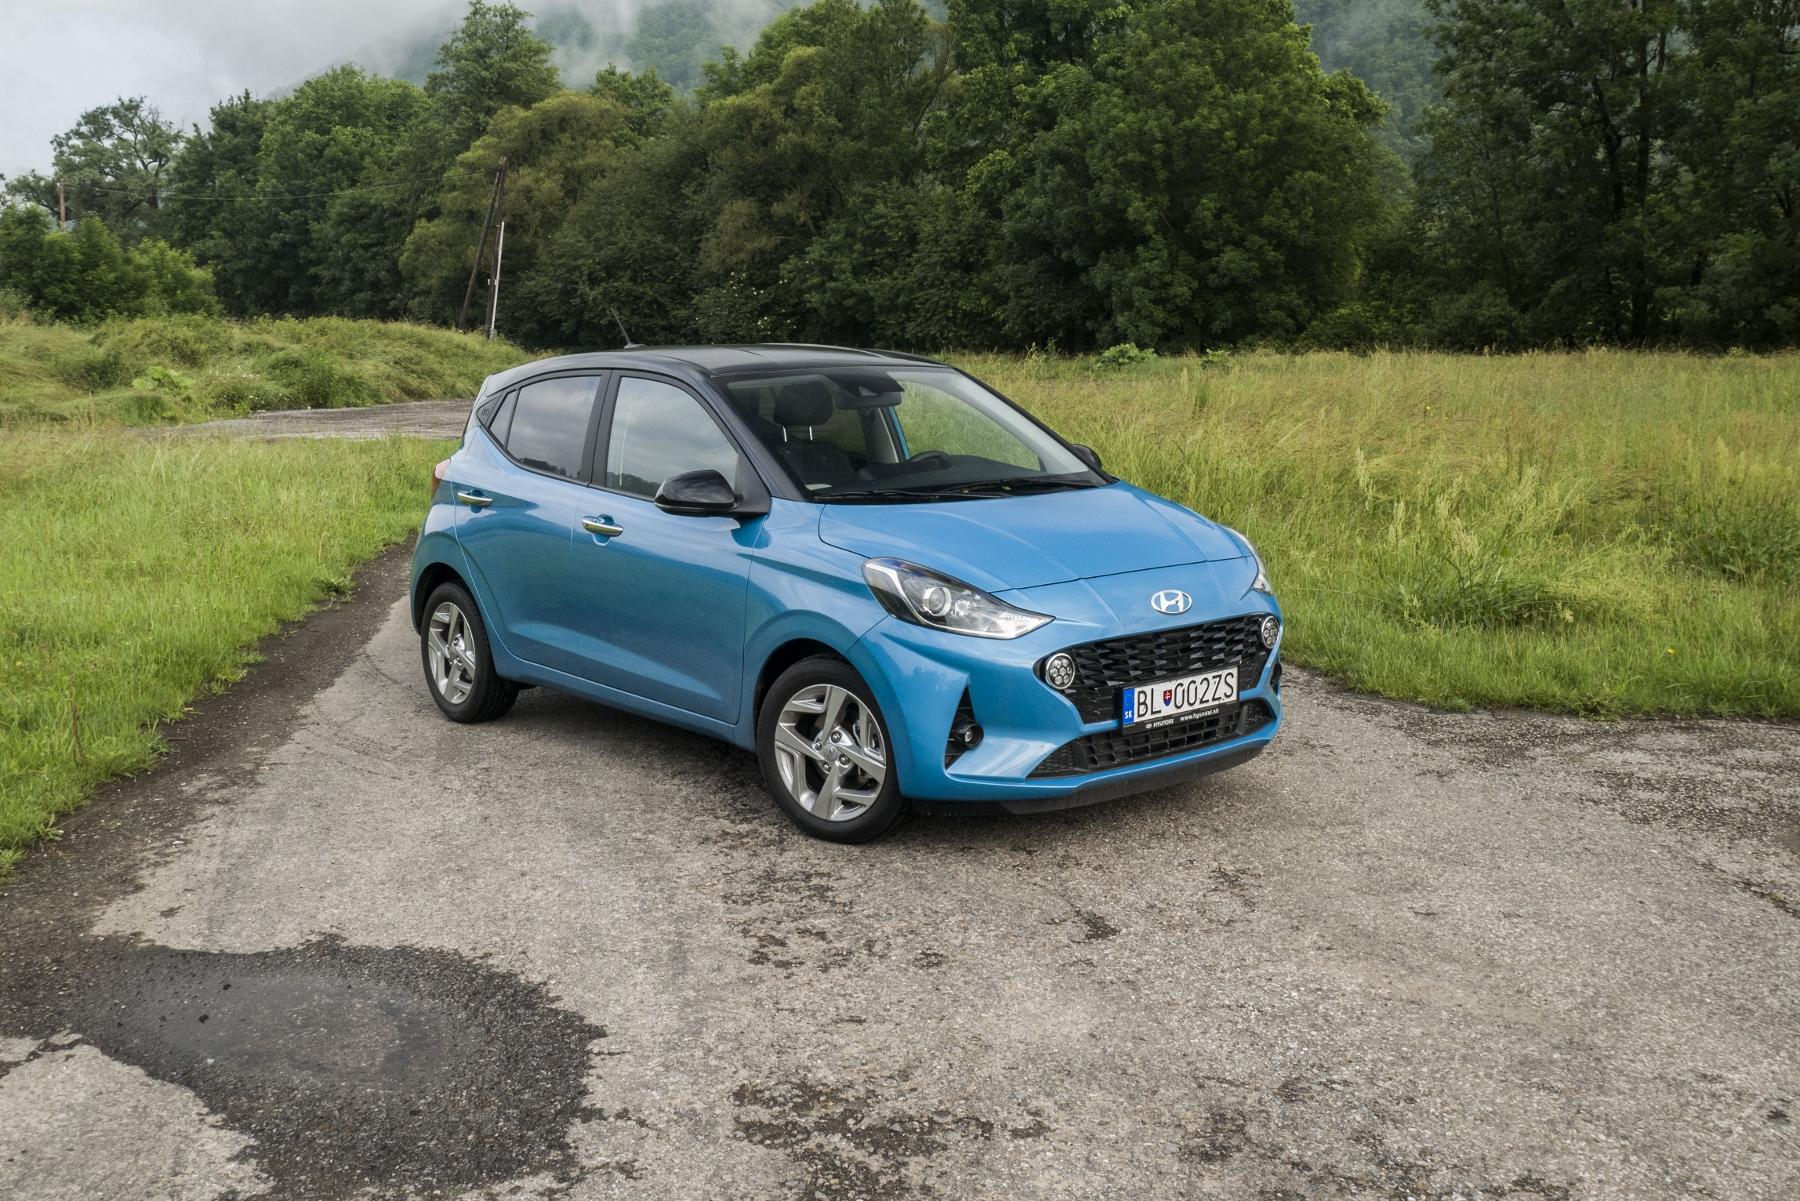 Test: Hyundai i10 je zameraný do mesta. Zo škatuľky vytŕča podvozkom YazdLmZqjw hyundai-i10-3